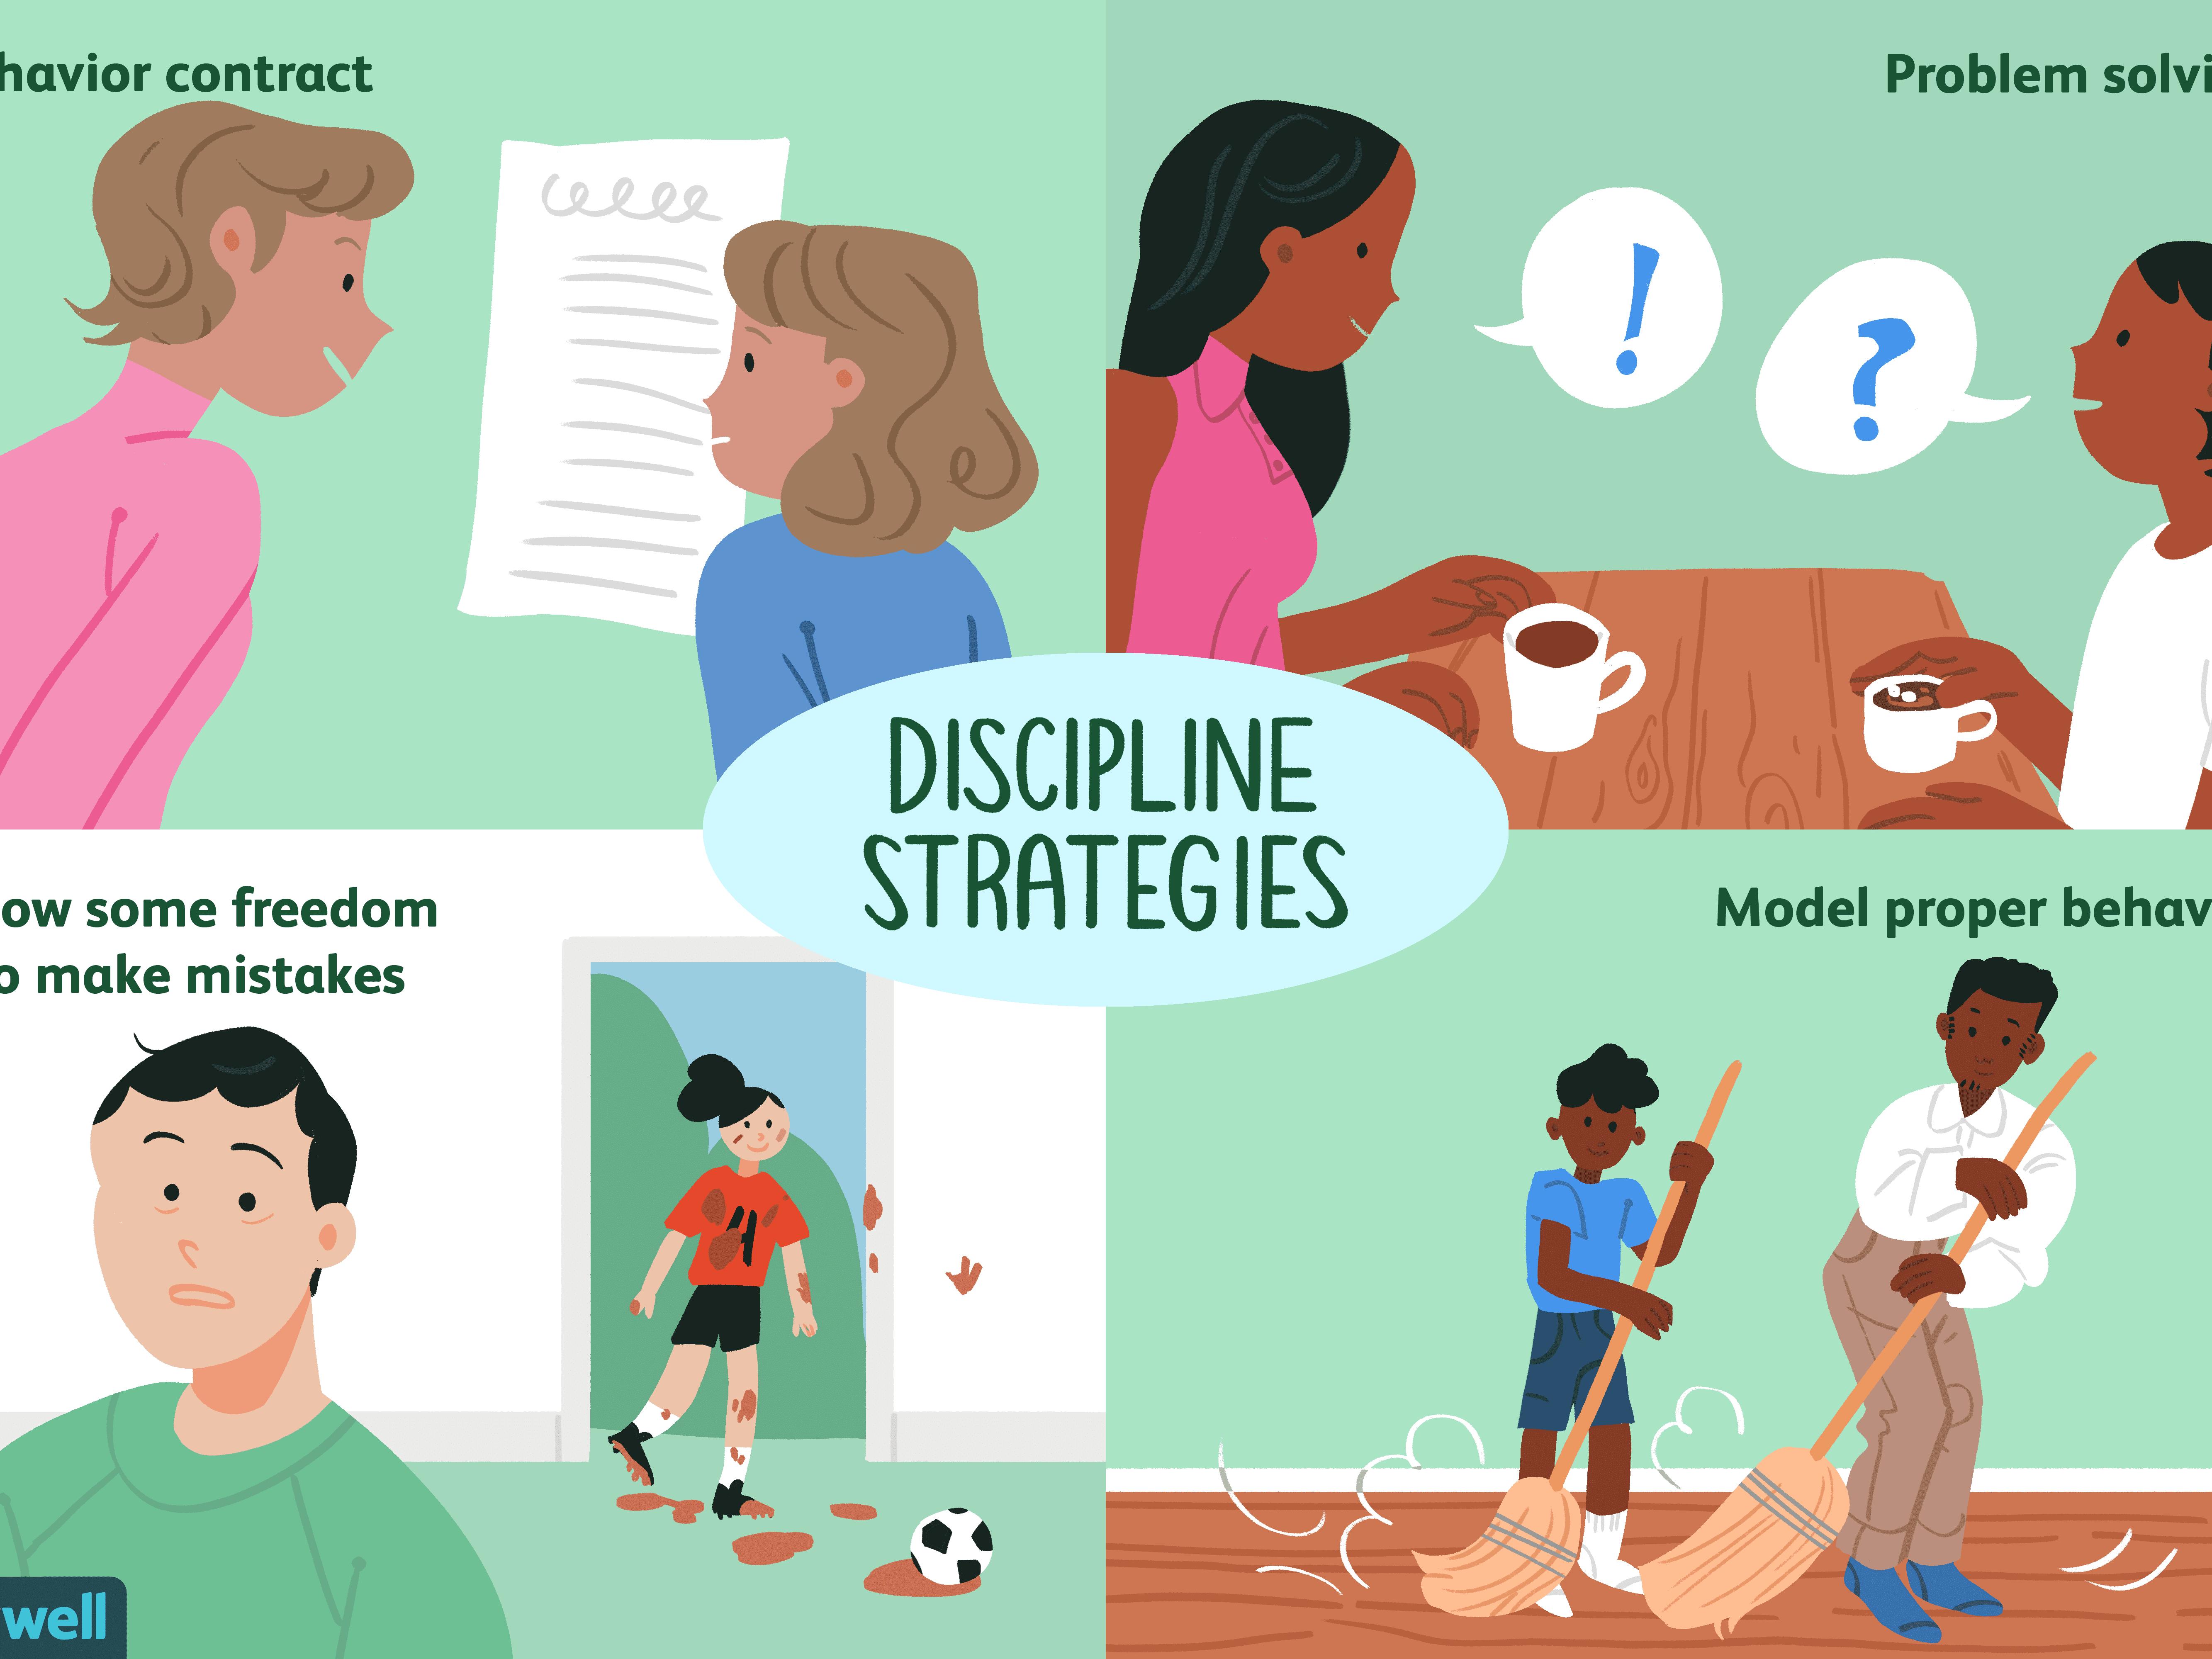 discipline strategies for tweens color1 5bcf2f0746e0fb0026b65f96